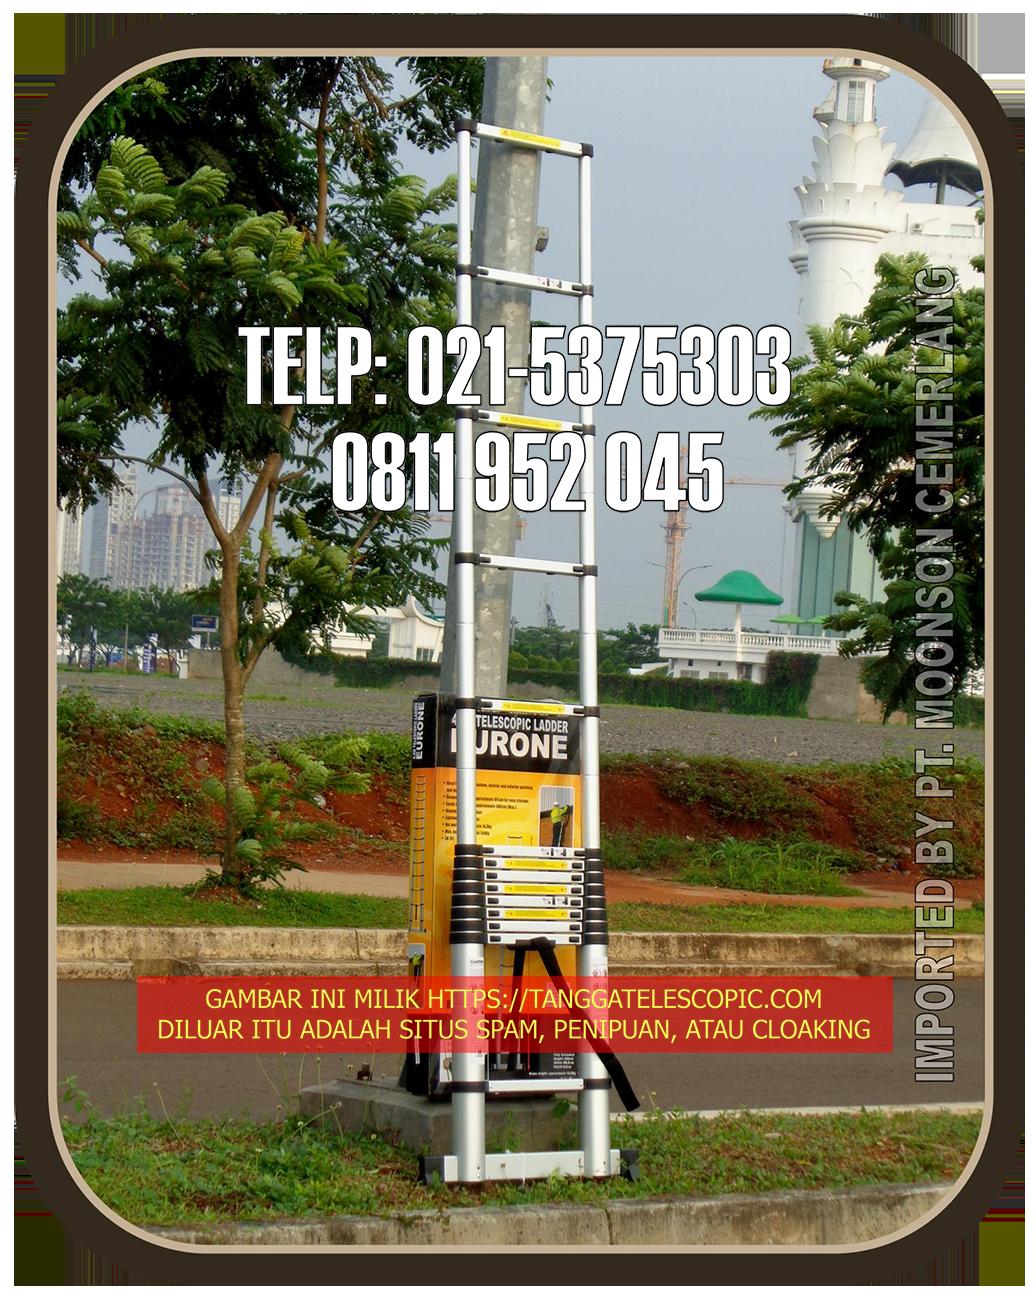 Tangga Telescopic 5M